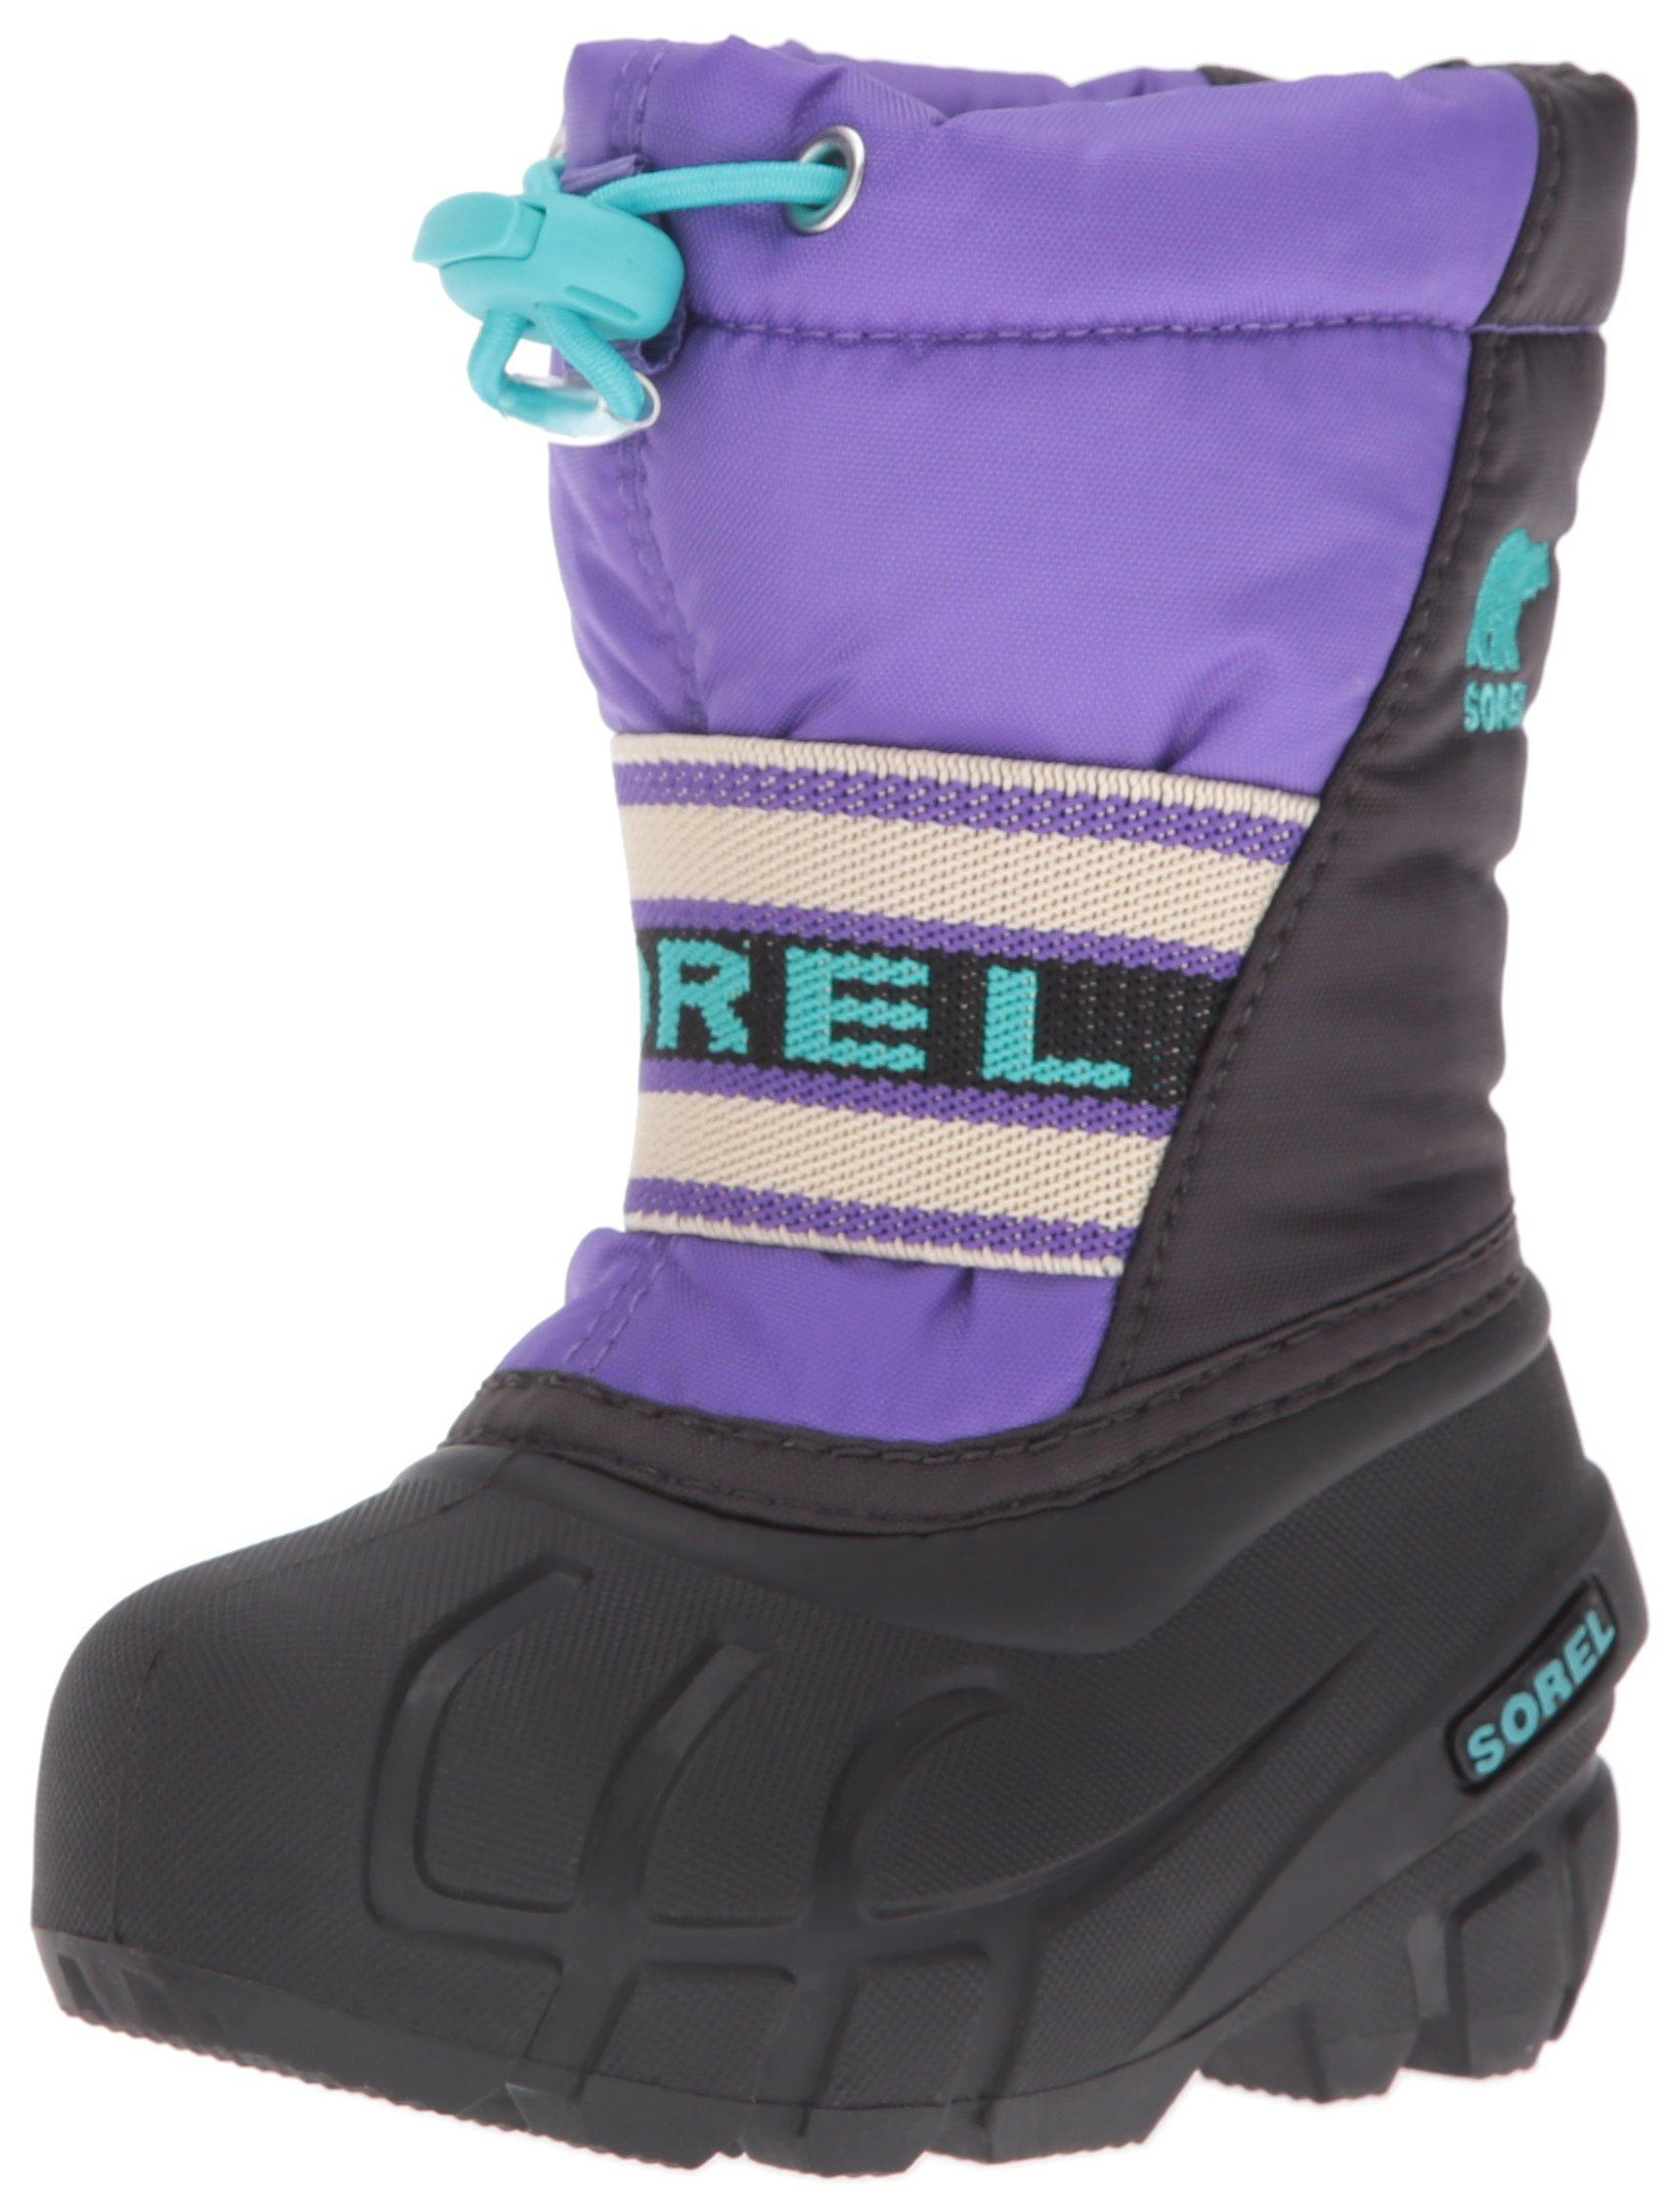 Sorel Toddler Cub Snow Boot (Toddler), Purple, 6 M US Toddler